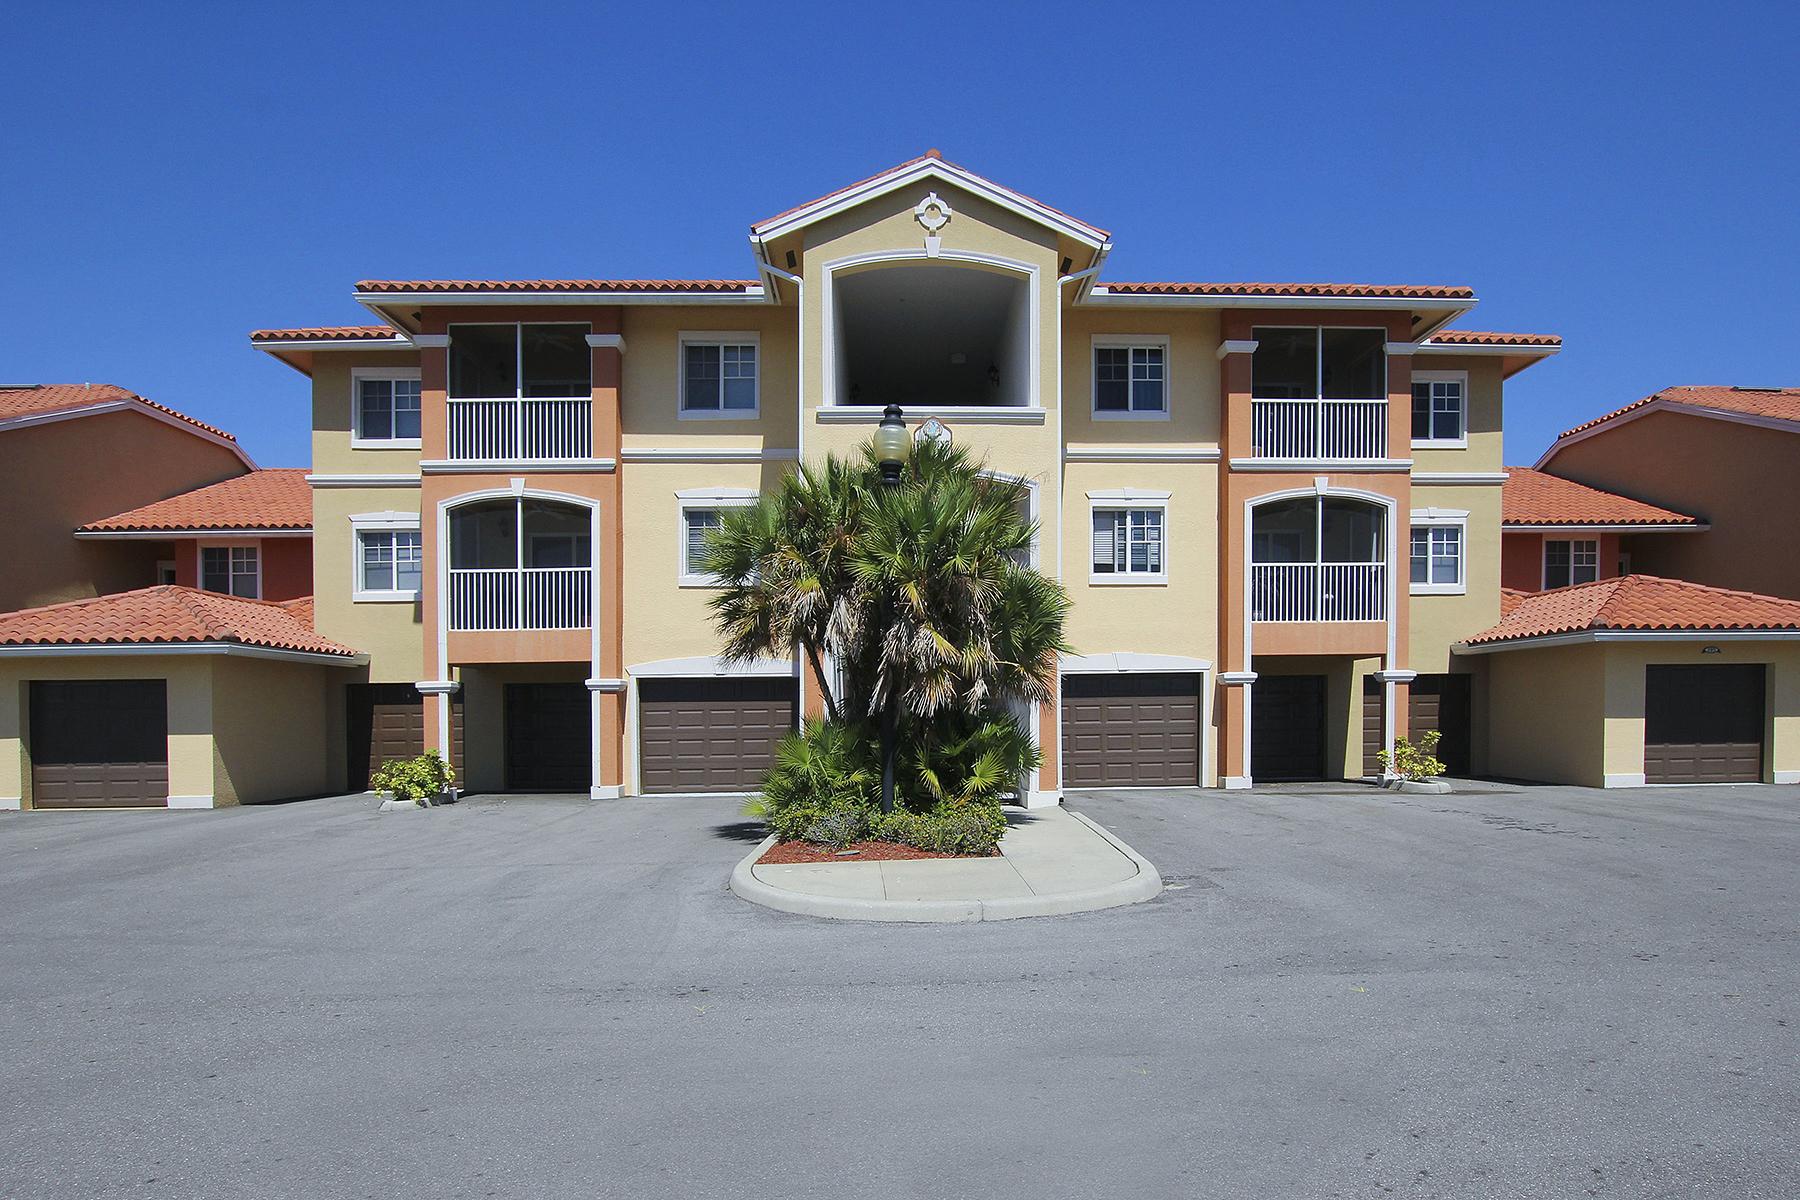 Condomínio para Venda às BELLA CASA 13110 Bella Casa Cir 320 Fort Myers, Florida, 33966 Estados Unidos